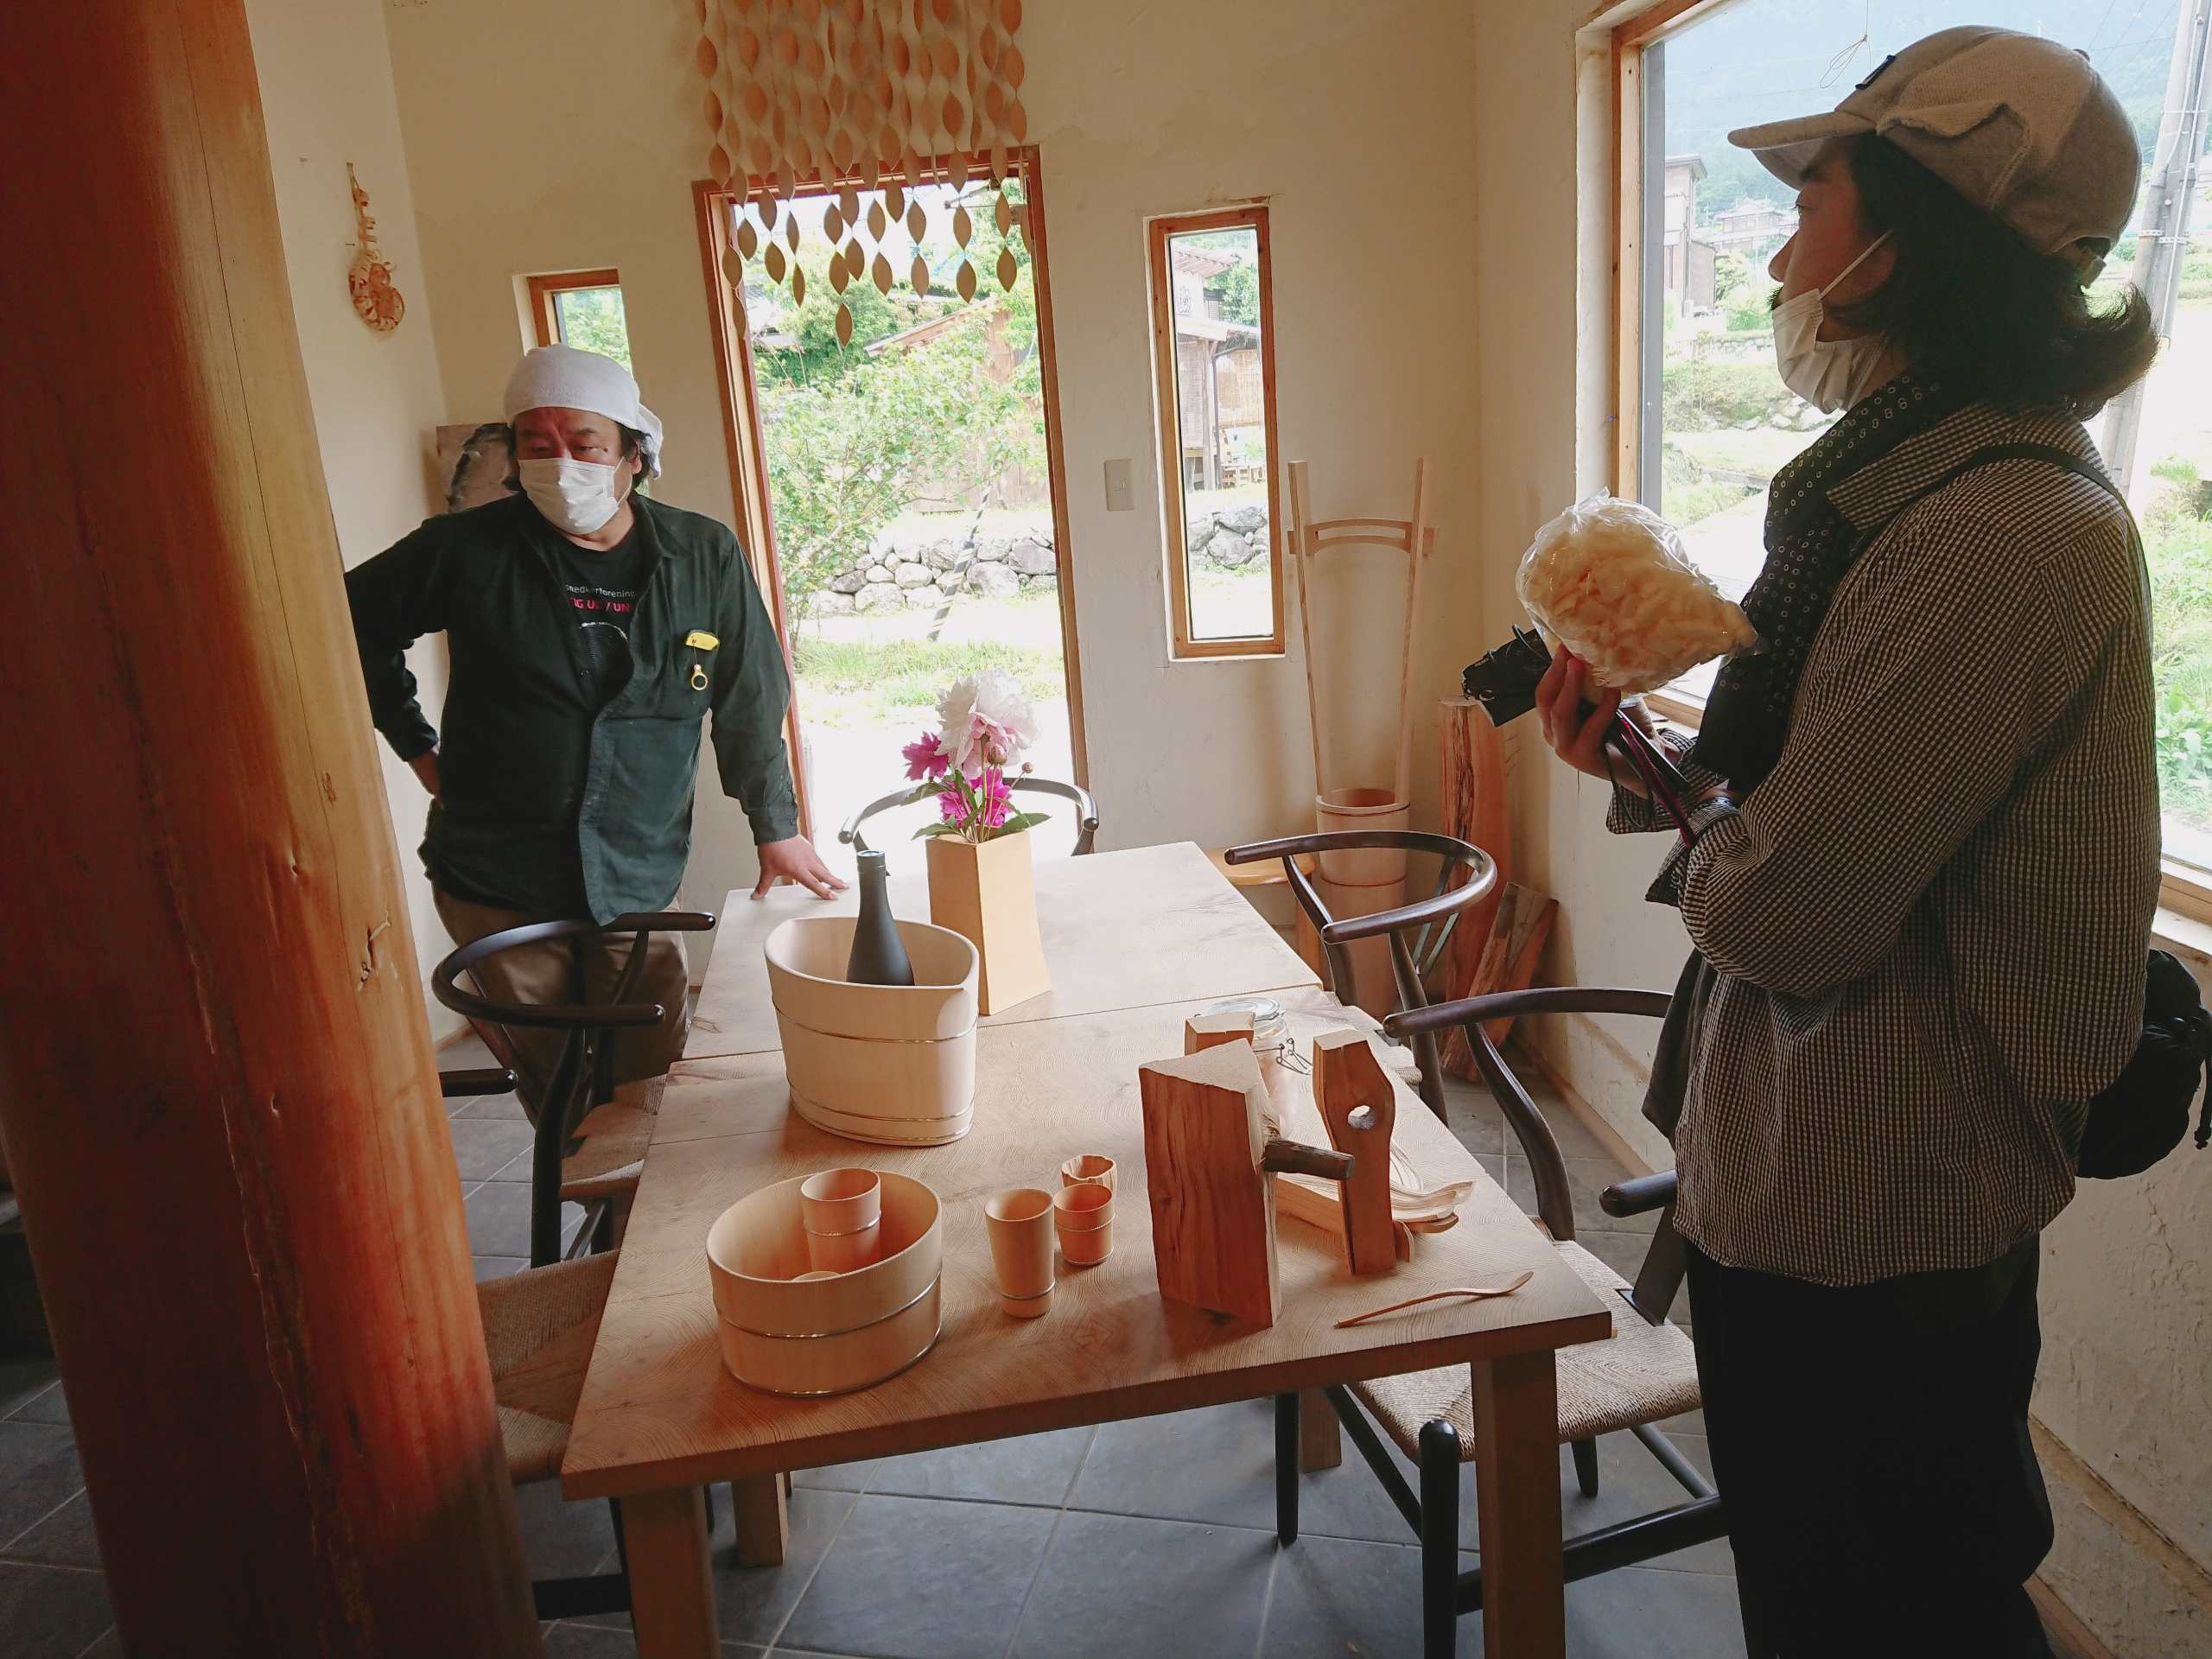 中川木工芸 比良工房を訪ねて